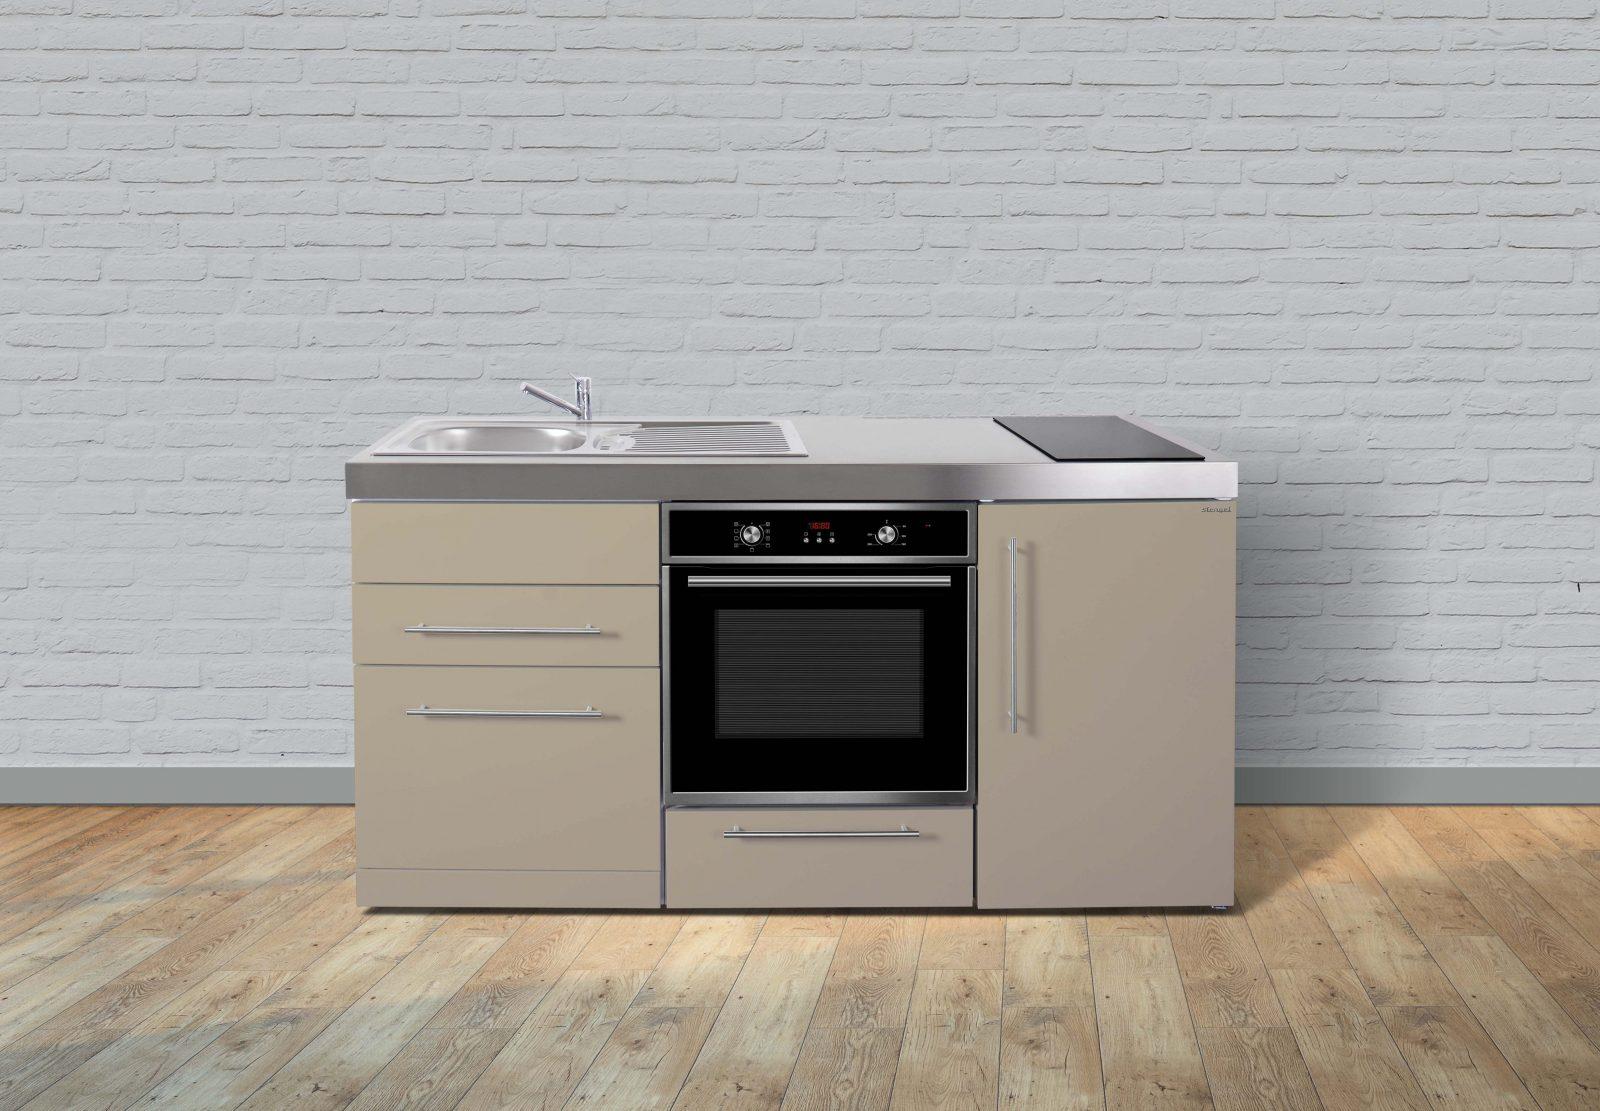 Miniküche 1 M Mit Kühlschrank : Minikuche mit spulmaschine kuche kaufen ikea kuchen preise